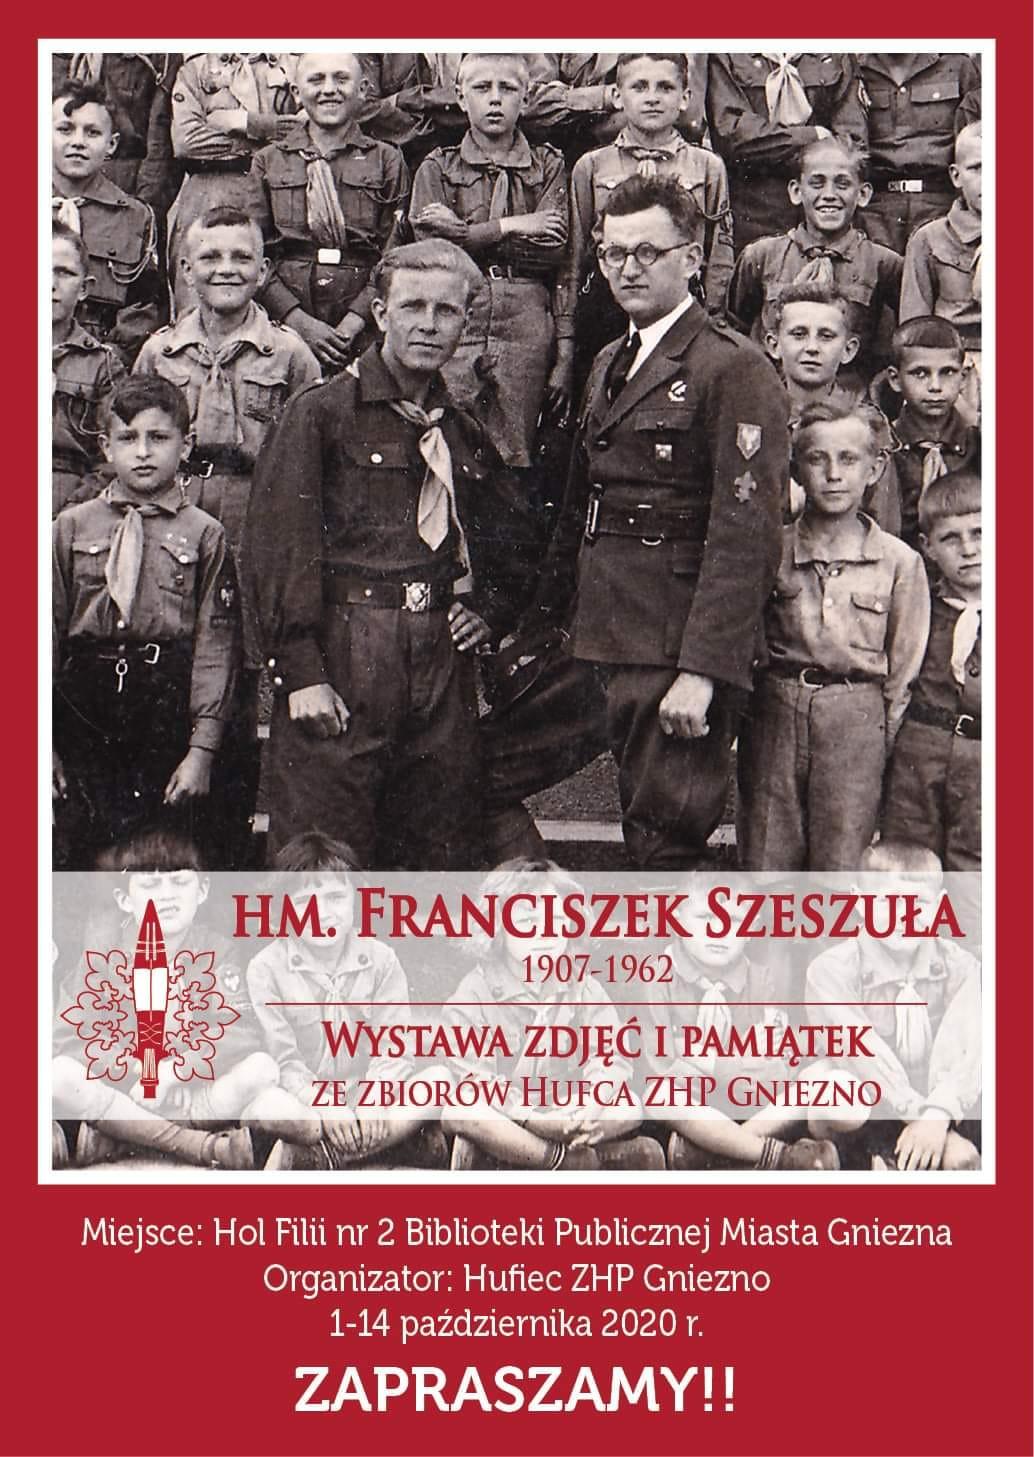 Wystawa poświęcona Franciszkowi Szeszule – zasłużonemu komendantowi Hufca ZHP Gniezno